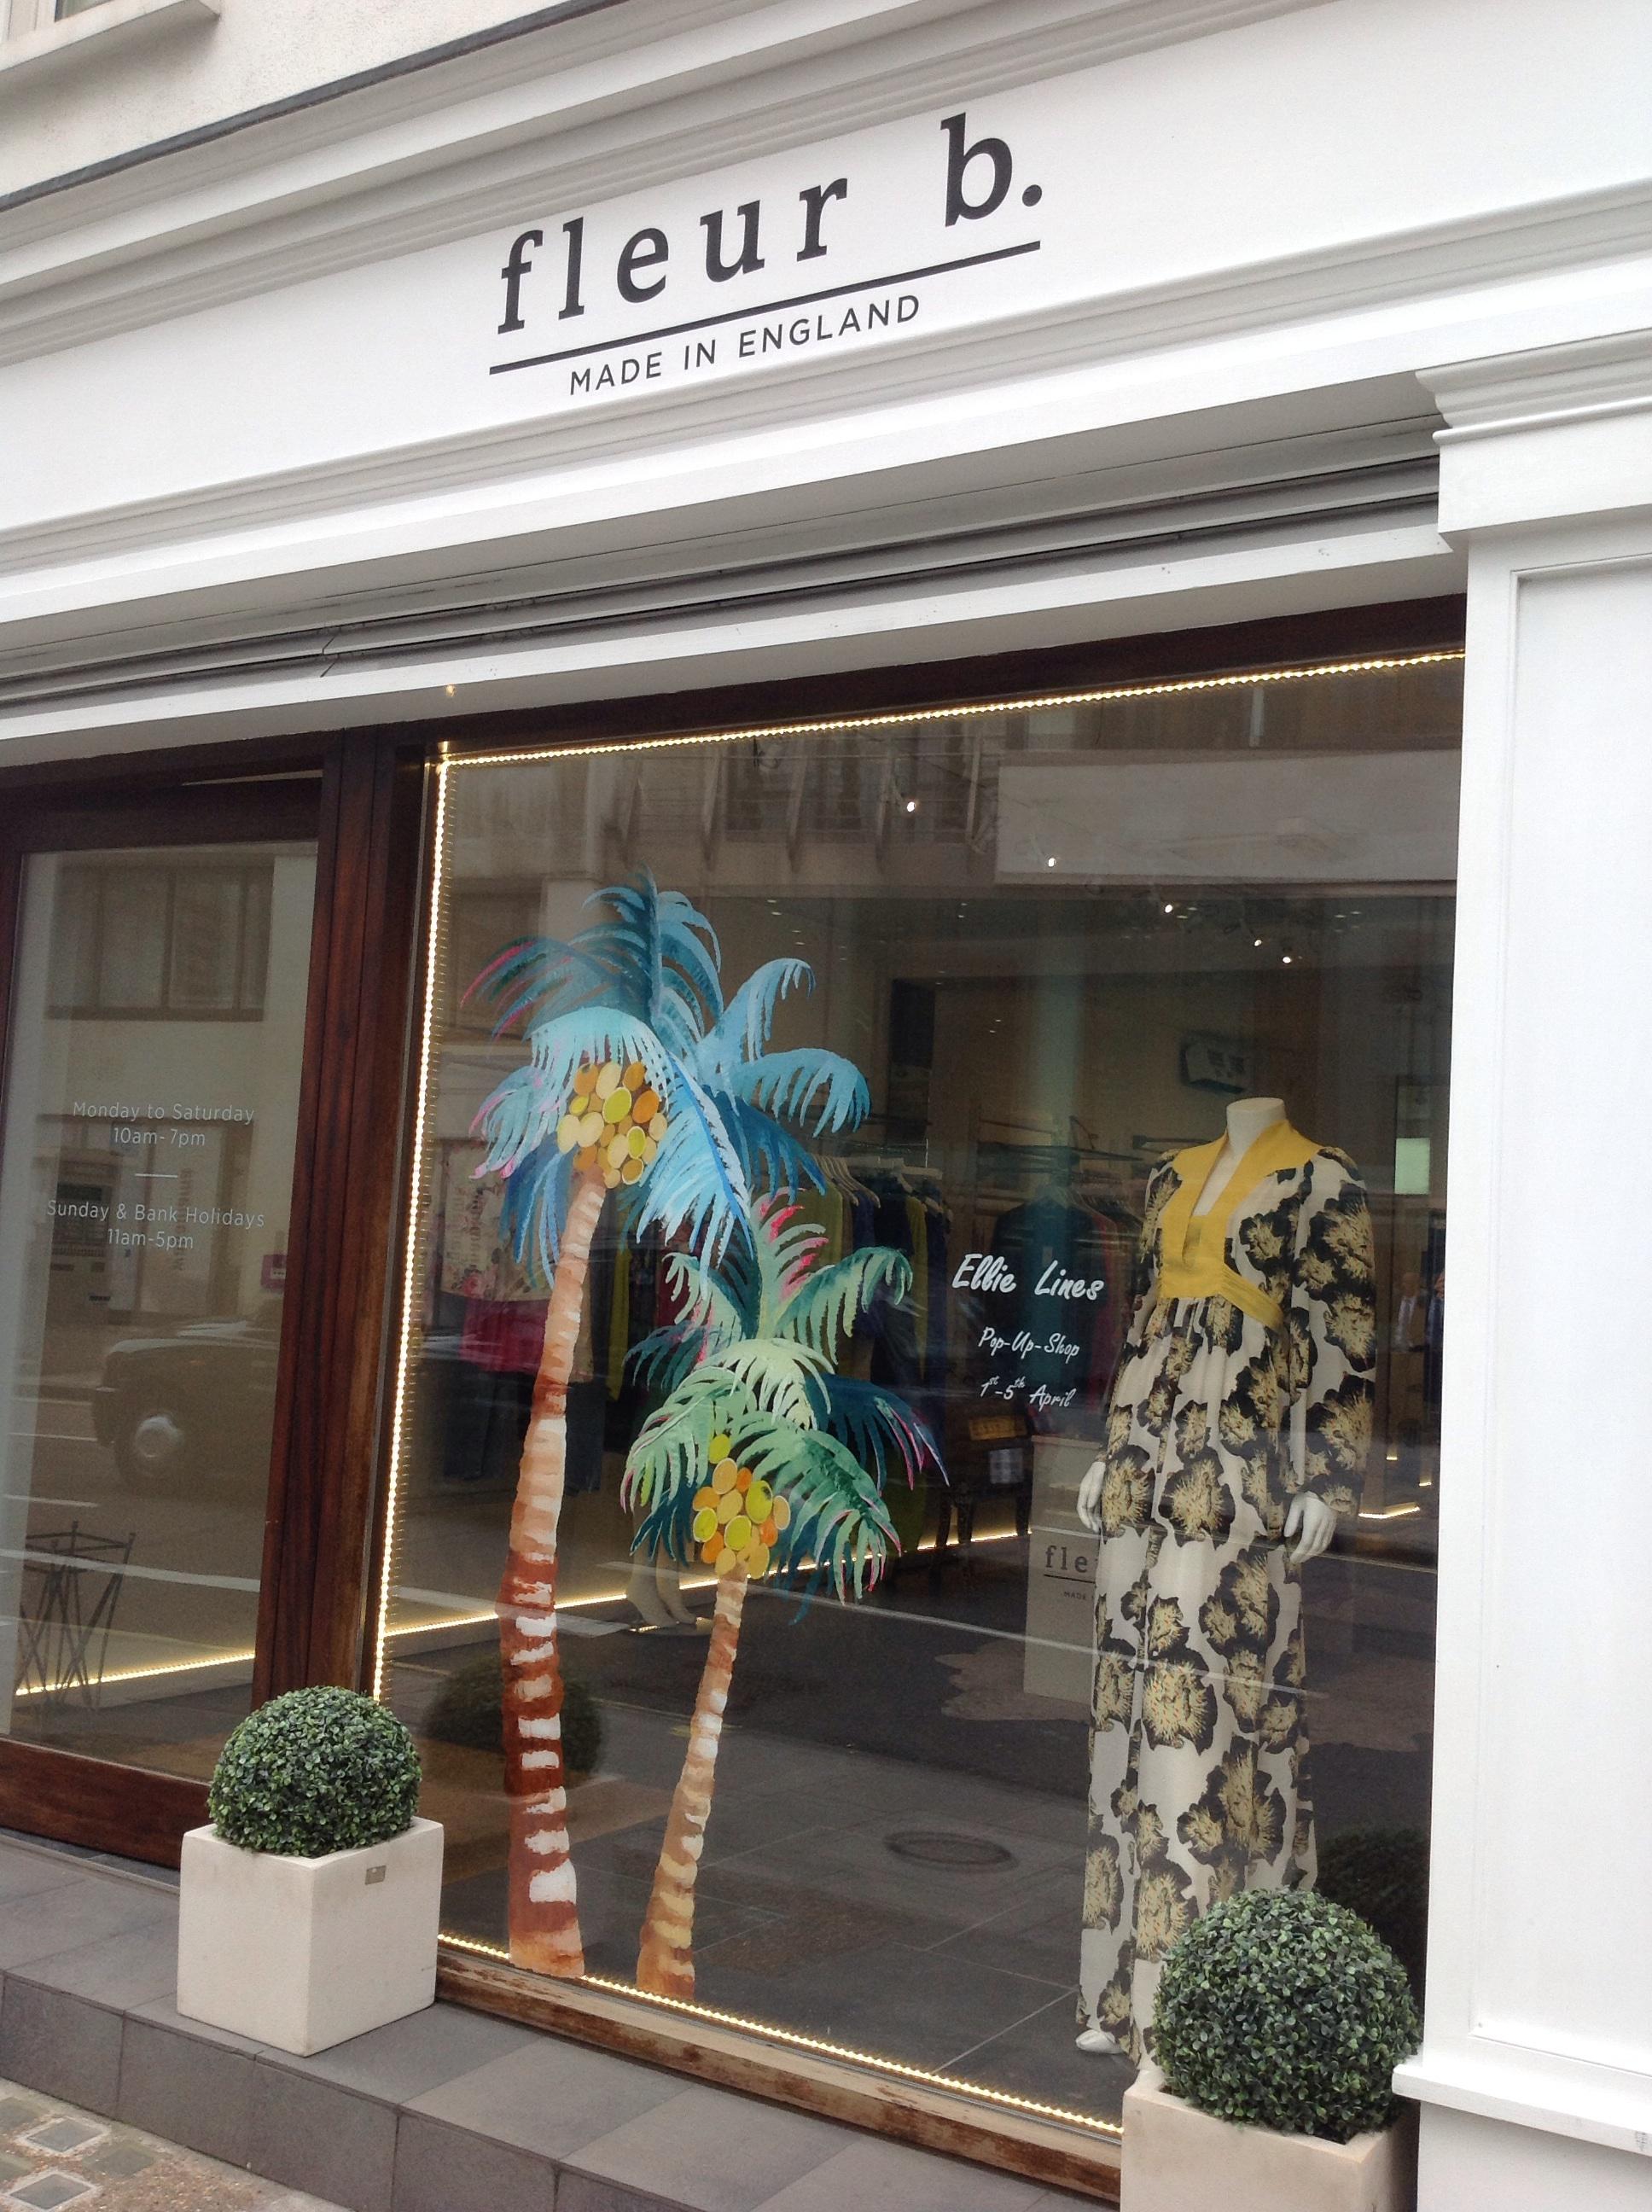 Fleur B Shop Window - Ellie Lines Pop Up